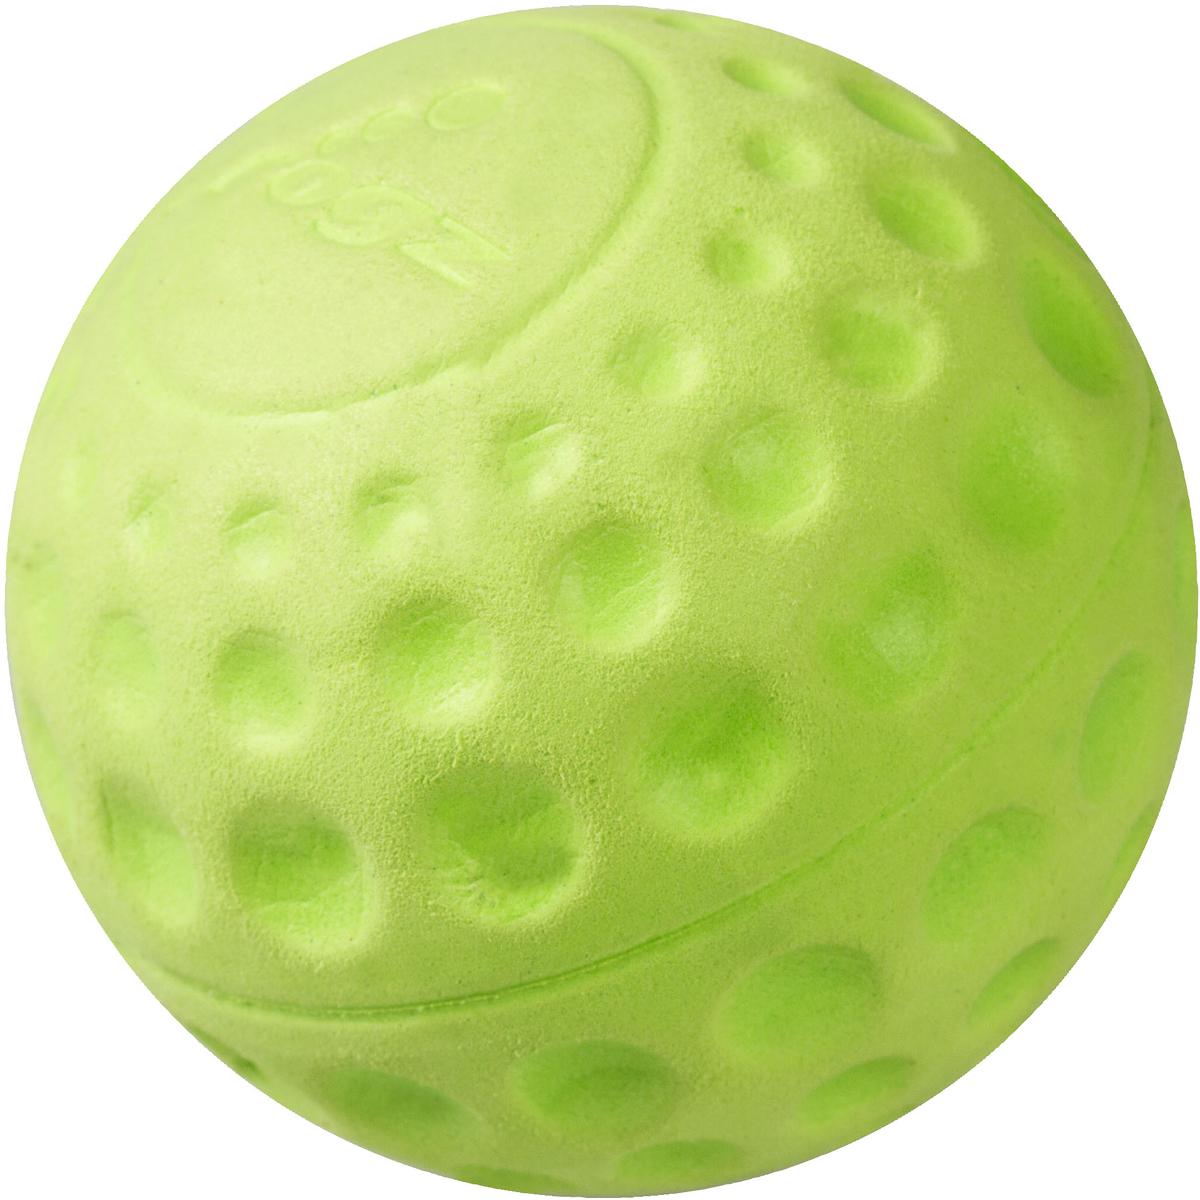 Игрушка для собак Rogz Asteroidz, цвет: лайм, диаметр 7,8 см0120710Мяч предназначен для игры с хозяином Принеси.Небольшой вес, не травмирует десна, не повреждает зубы, удобно носить в пасти.Отличная упругость для подпрыгивания.Изготовлено из особого термоэла-стопласта SEBS, обеспечивающего великолепную плавучесть в воде, поэтому игрушка отлично подходит для игры в водоеме.Материал изделия: EVA (этиленвинилацетат) - легкий мелкопористый материал, похожий на застывшую пену.Не токсичен. 100% EVA (Этиленвинилацетат)